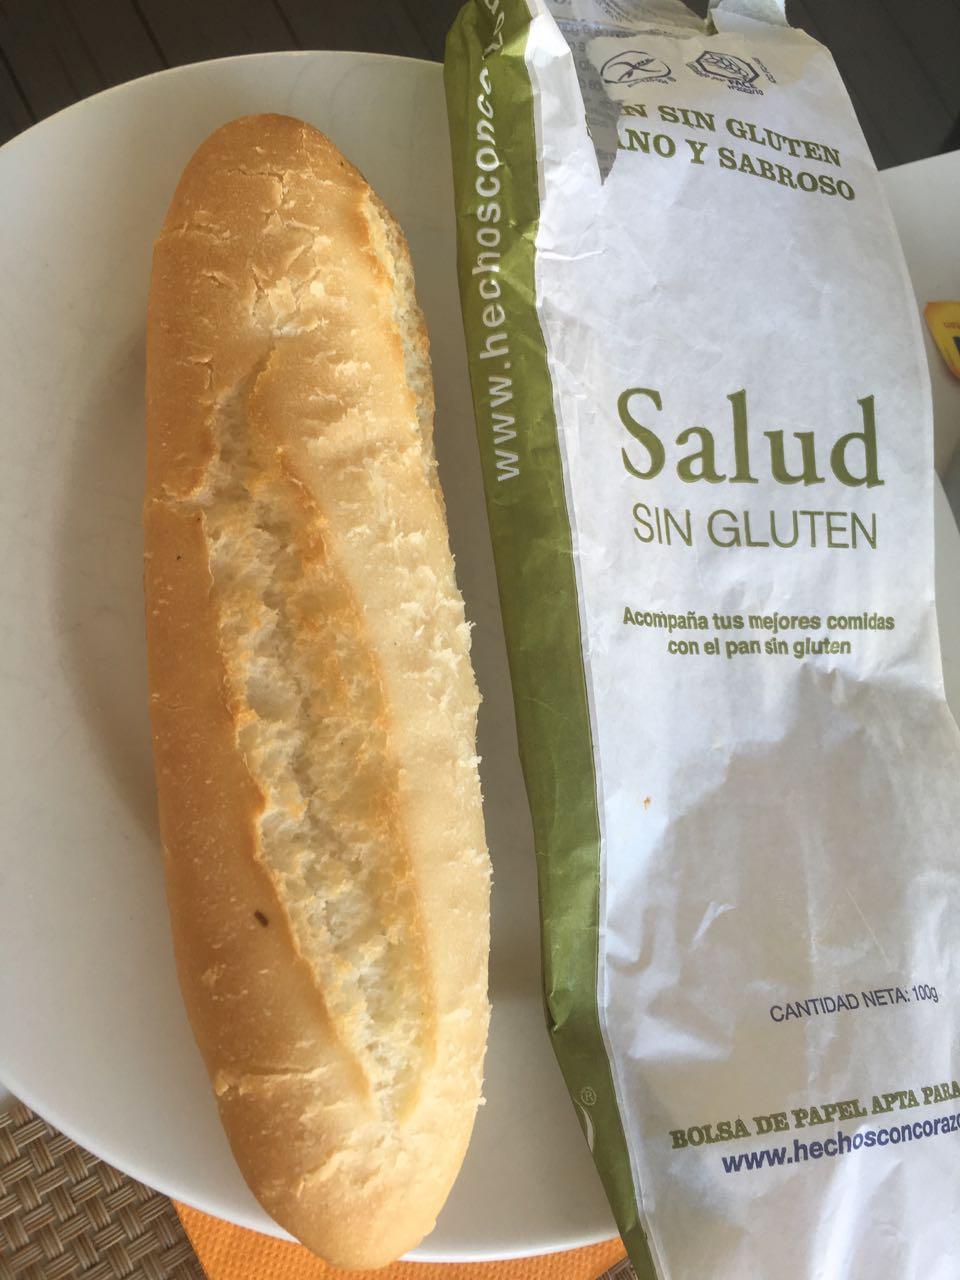 glutenfreier urlaub ohne spezialhotel ? möglich, mit etwas ... - Hotels Mit Glutenfreier Küche Auf Mallorca